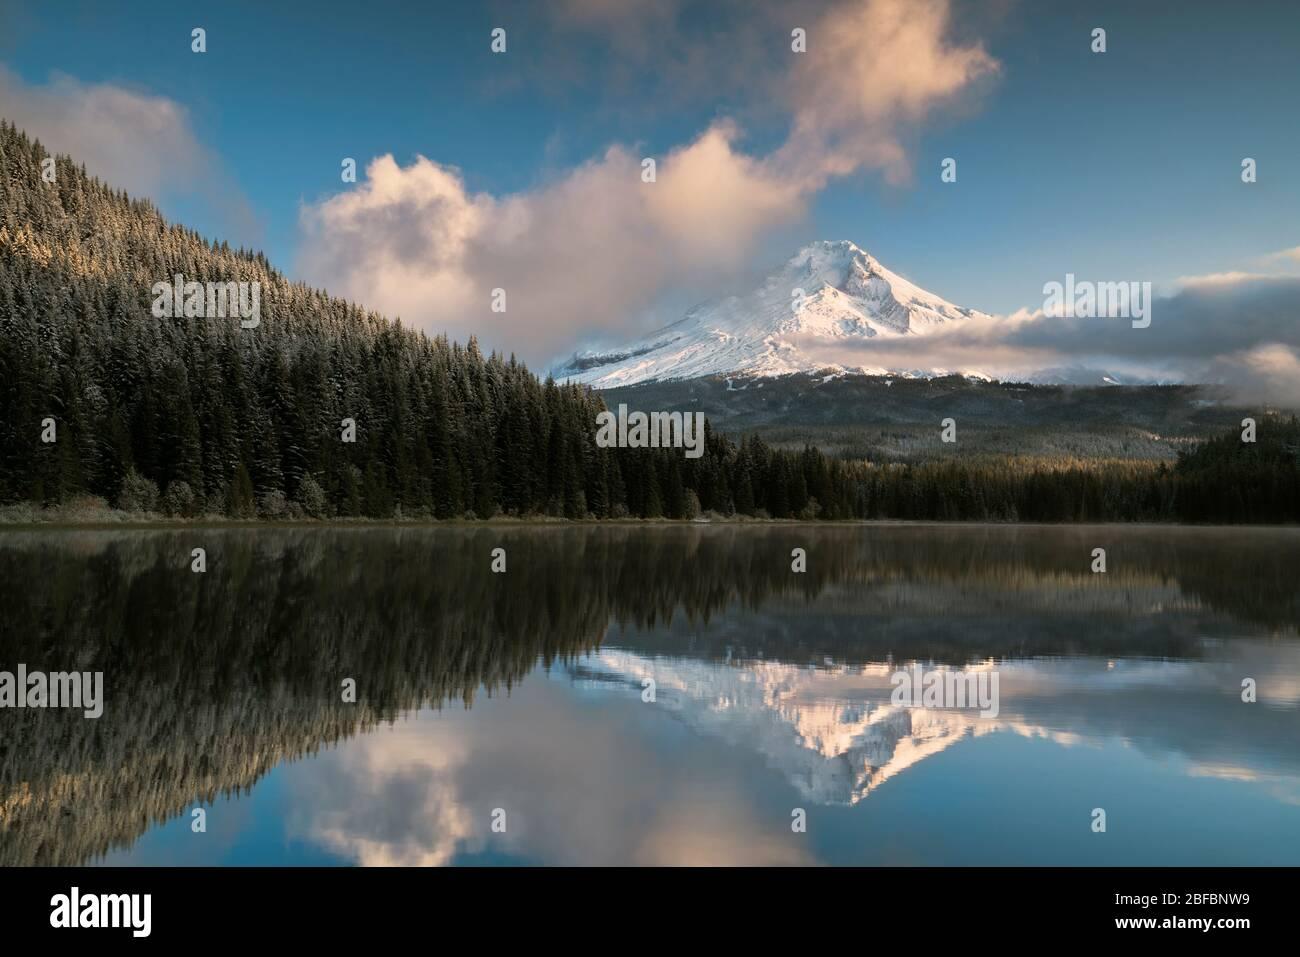 Les nuages de lumière et de tronçonnage du matin révèlent la chute de neige fraîche de l'automne sur le plus haut sommet de l'Oregon, le Mt Hood se reflétant dans le lac Trillium. Banque D'Images